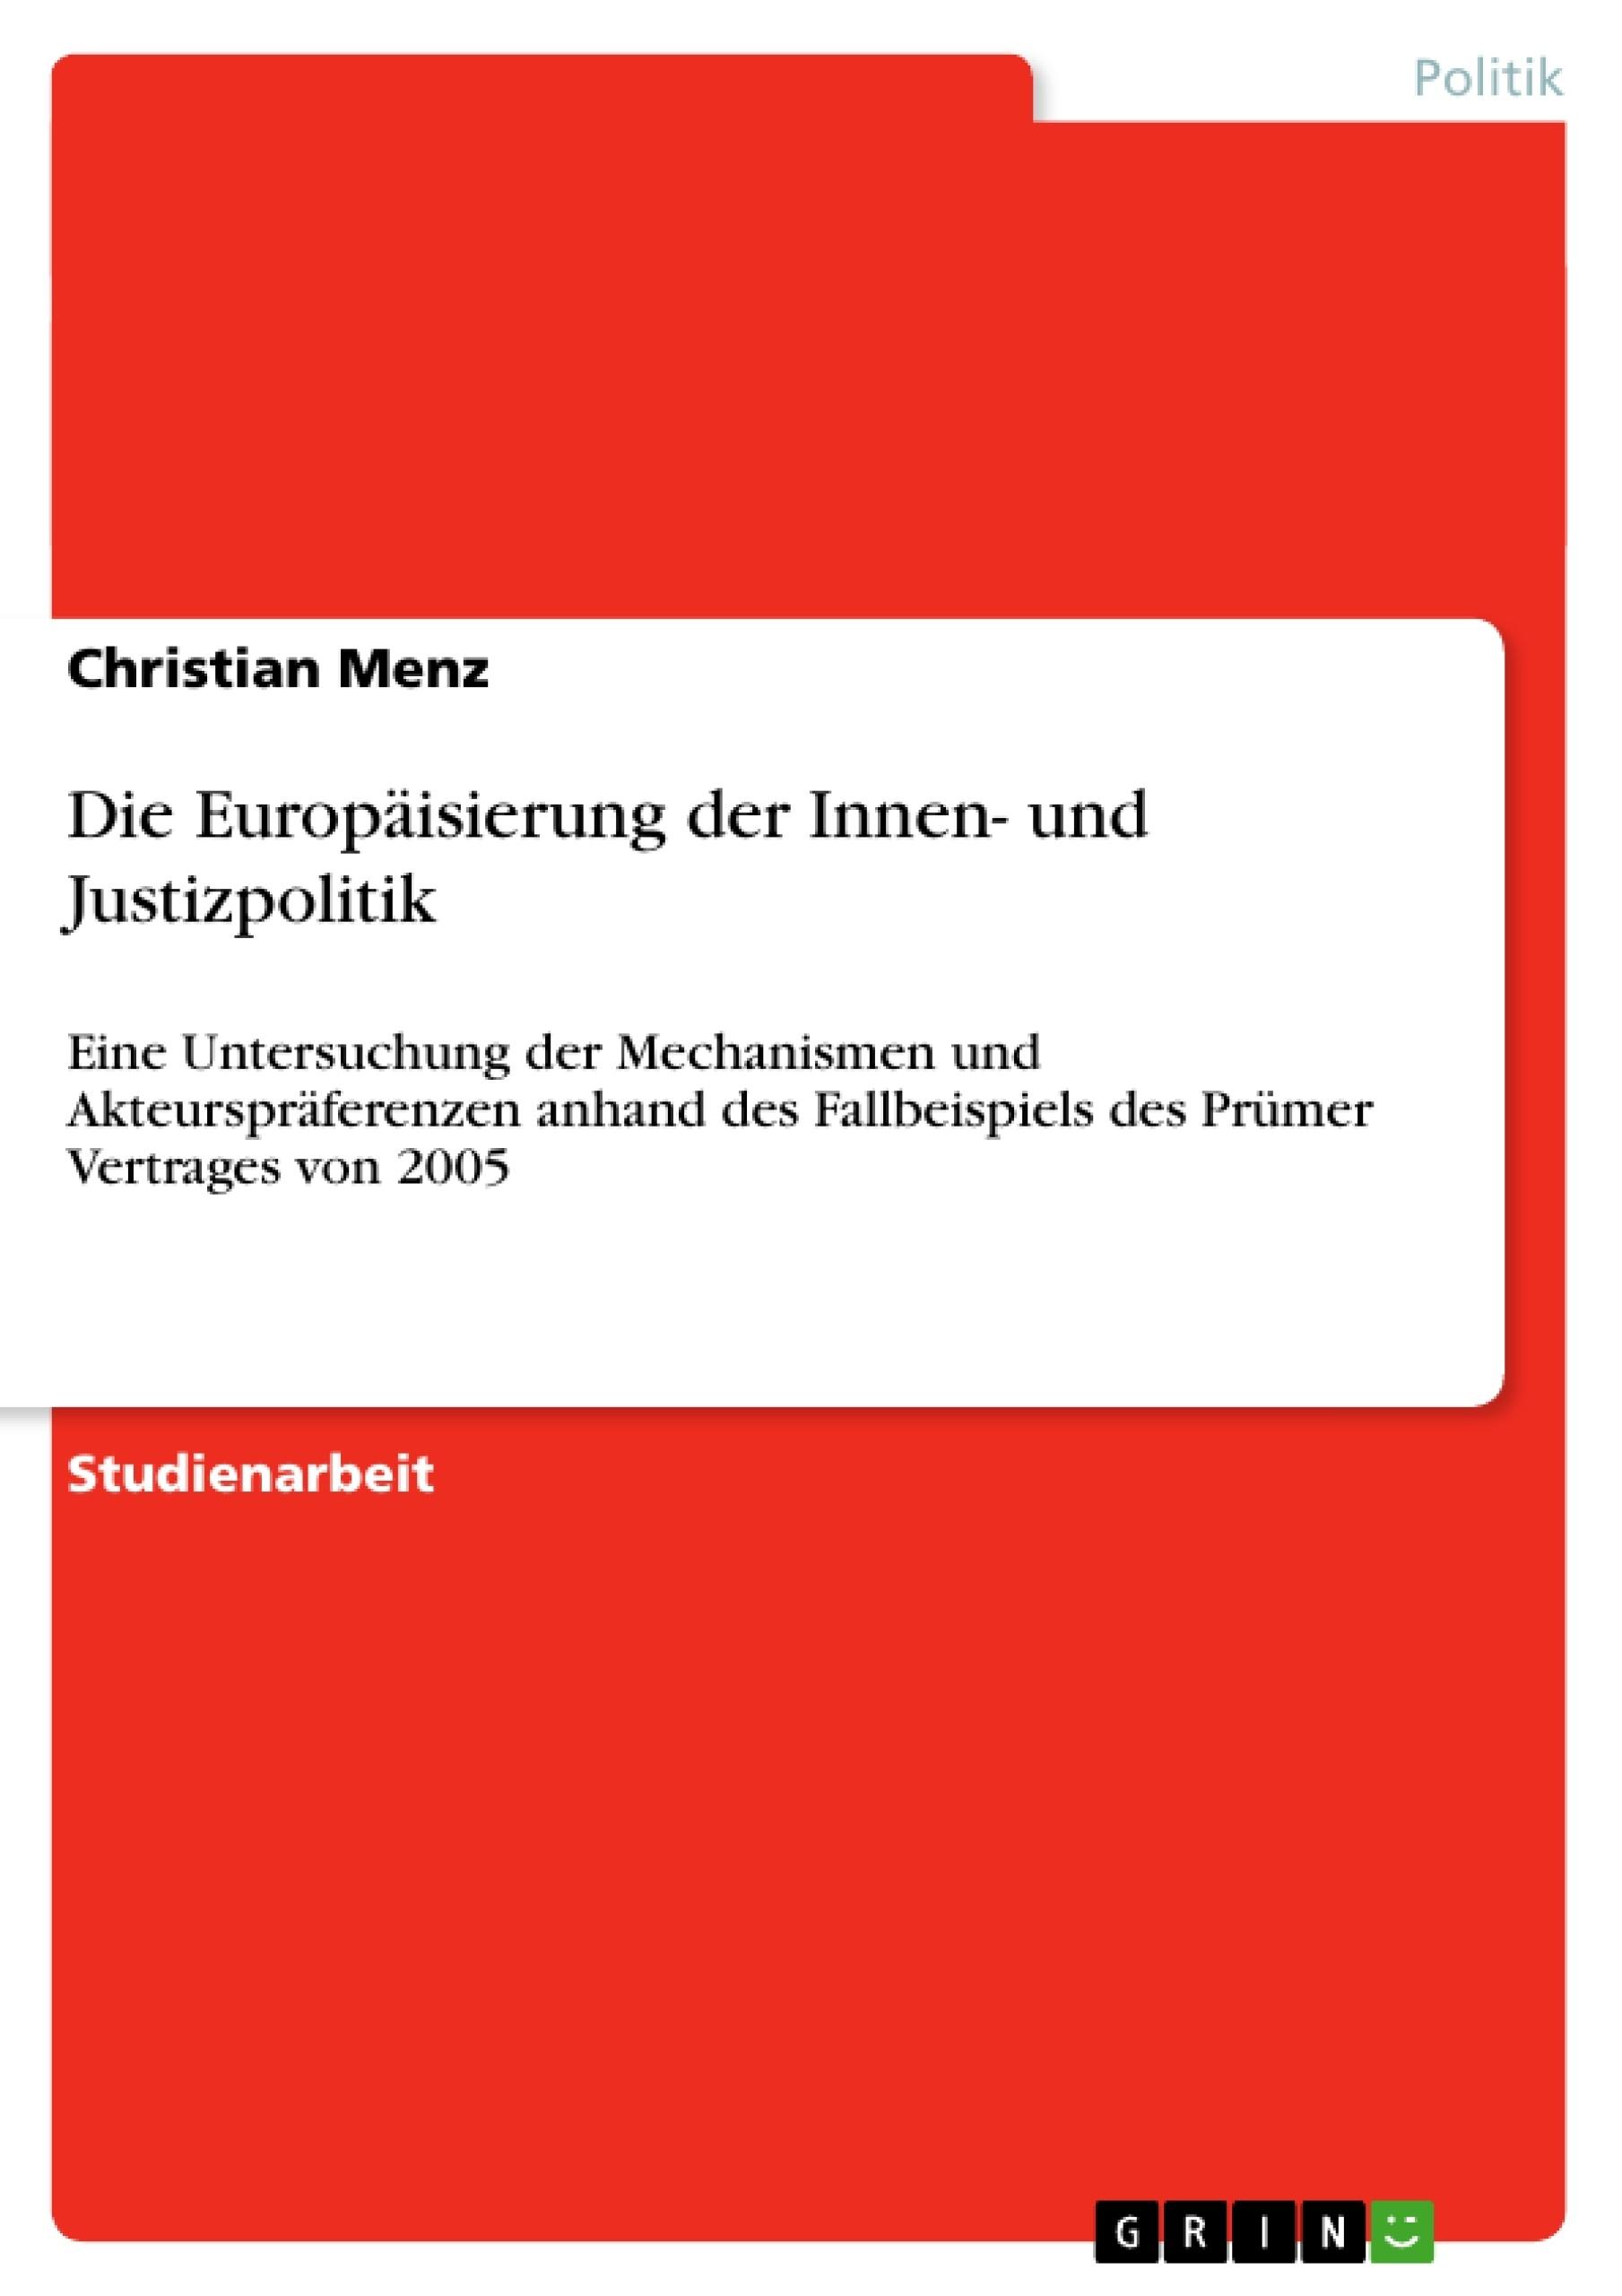 Titel: Die Europäisierung der Innen- und Justizpolitik